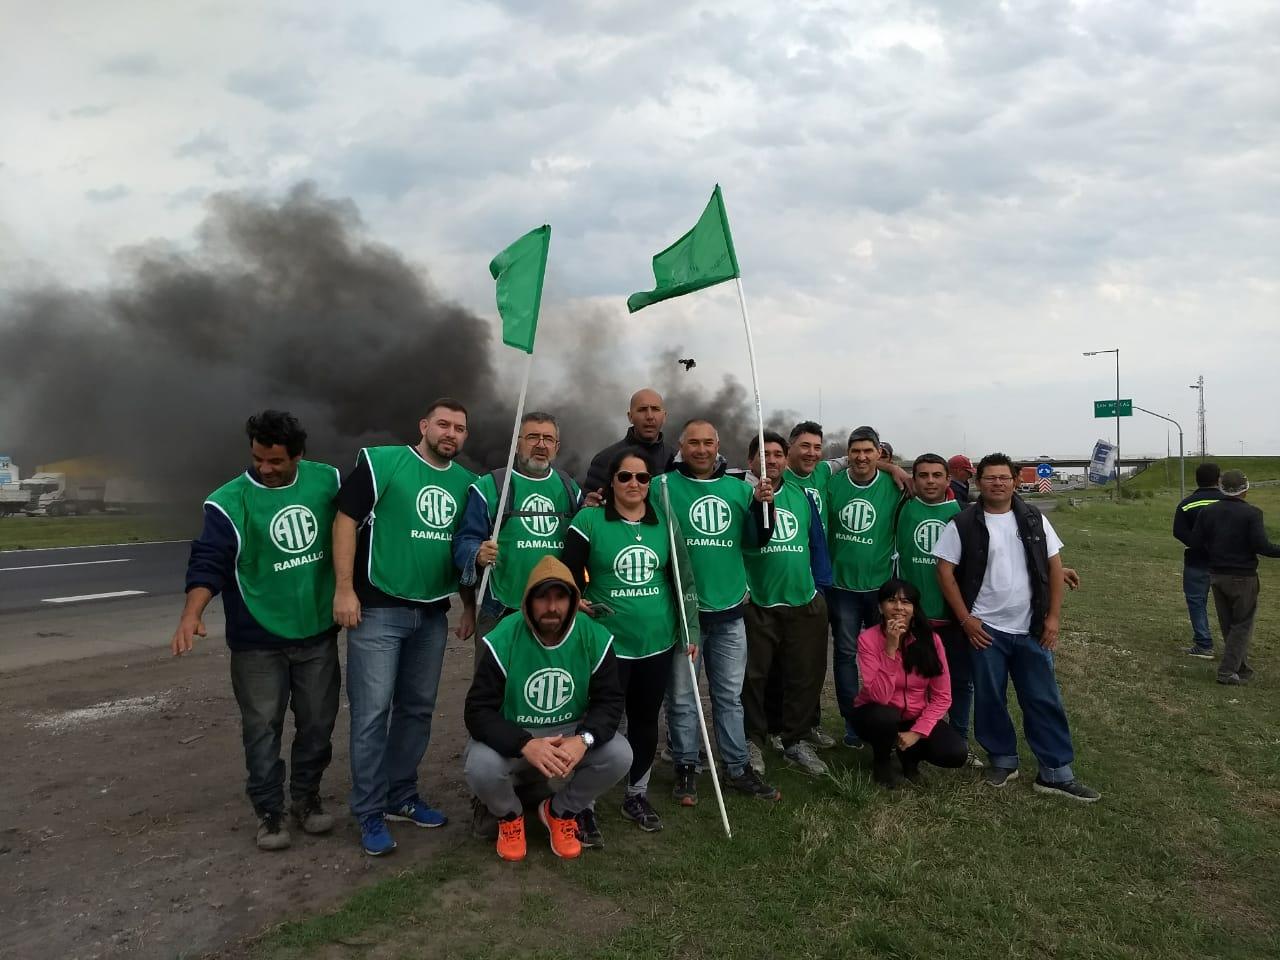 Una notable movilización de movimiento sindical se produjo este miércoles en la ciudad de San Nicolás en la ruta.  La seccional de ATE estuvo presente.